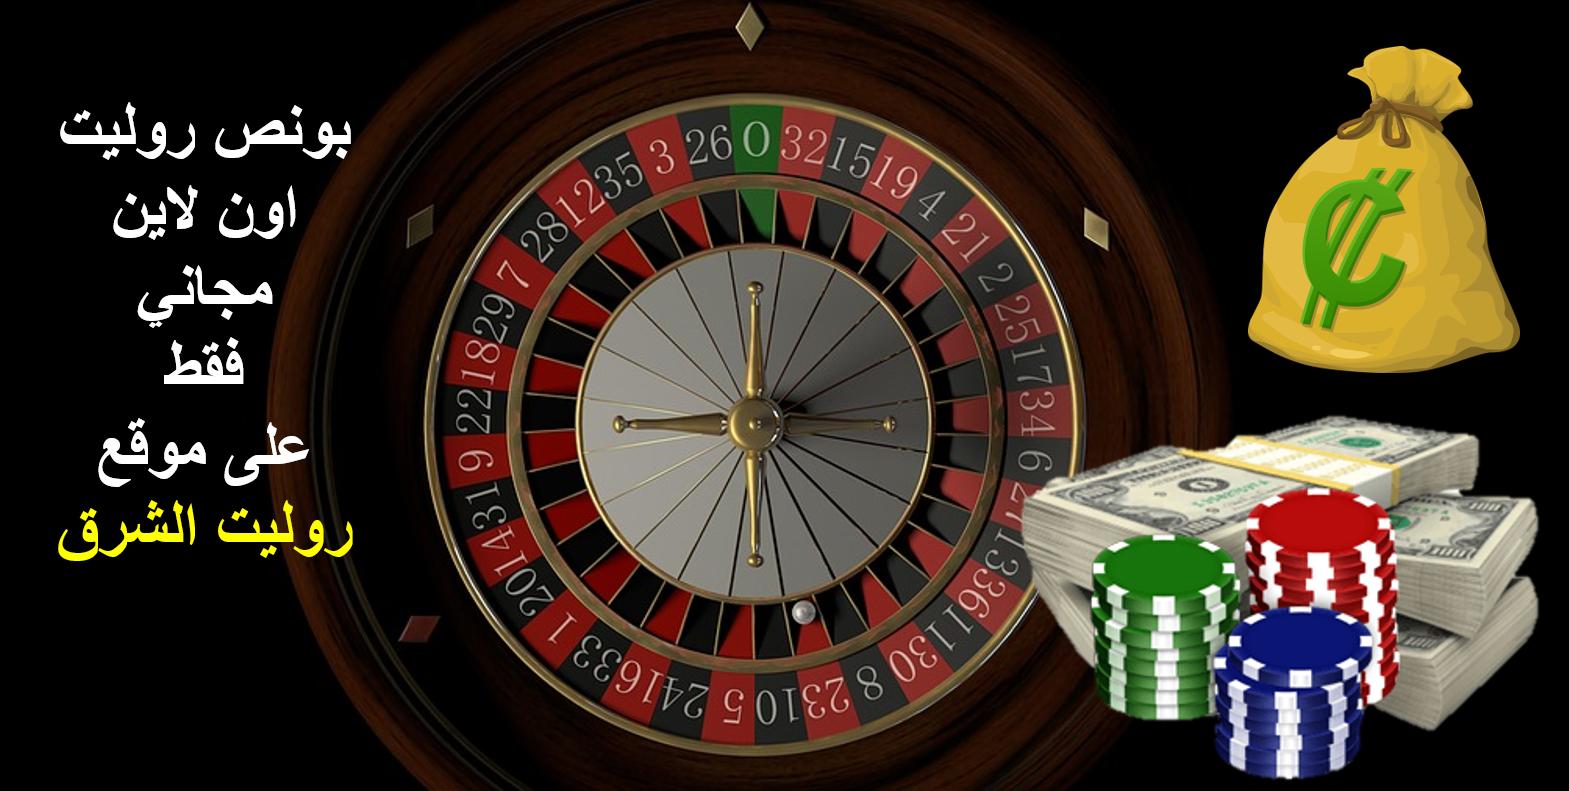 العب الطاولة - 30427